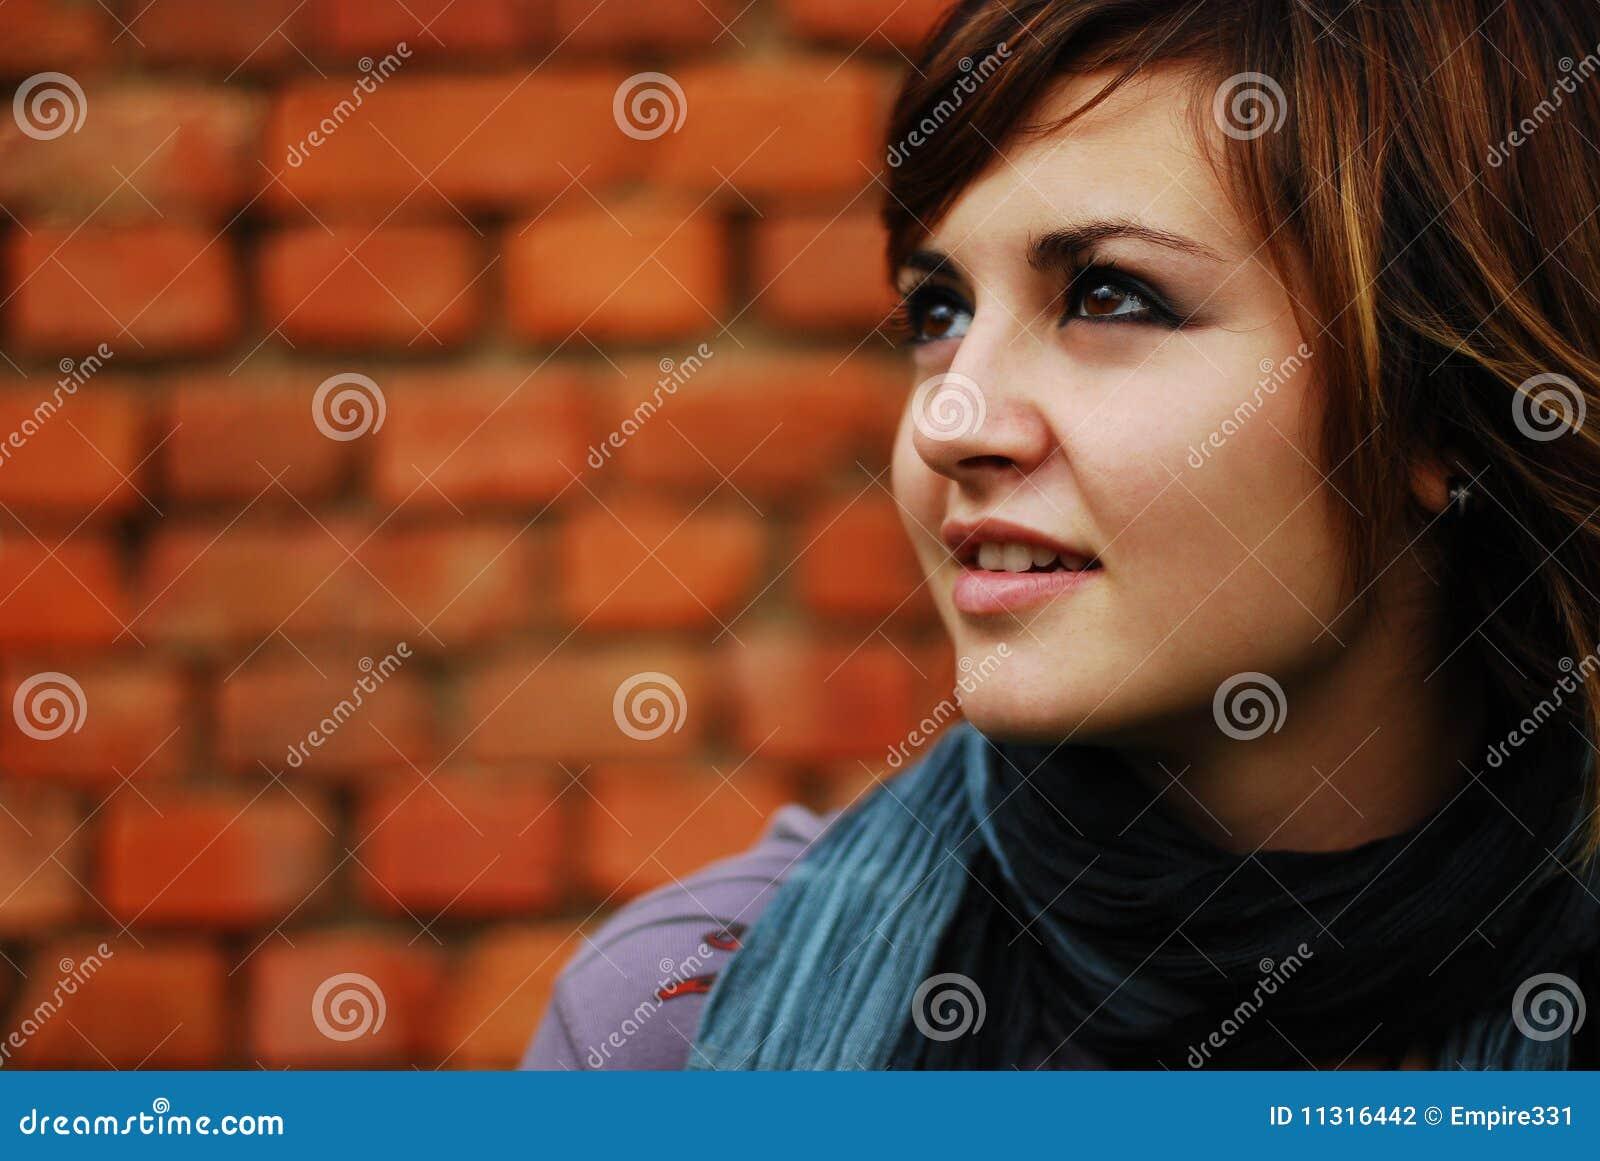 Hübsches Frauenportrait